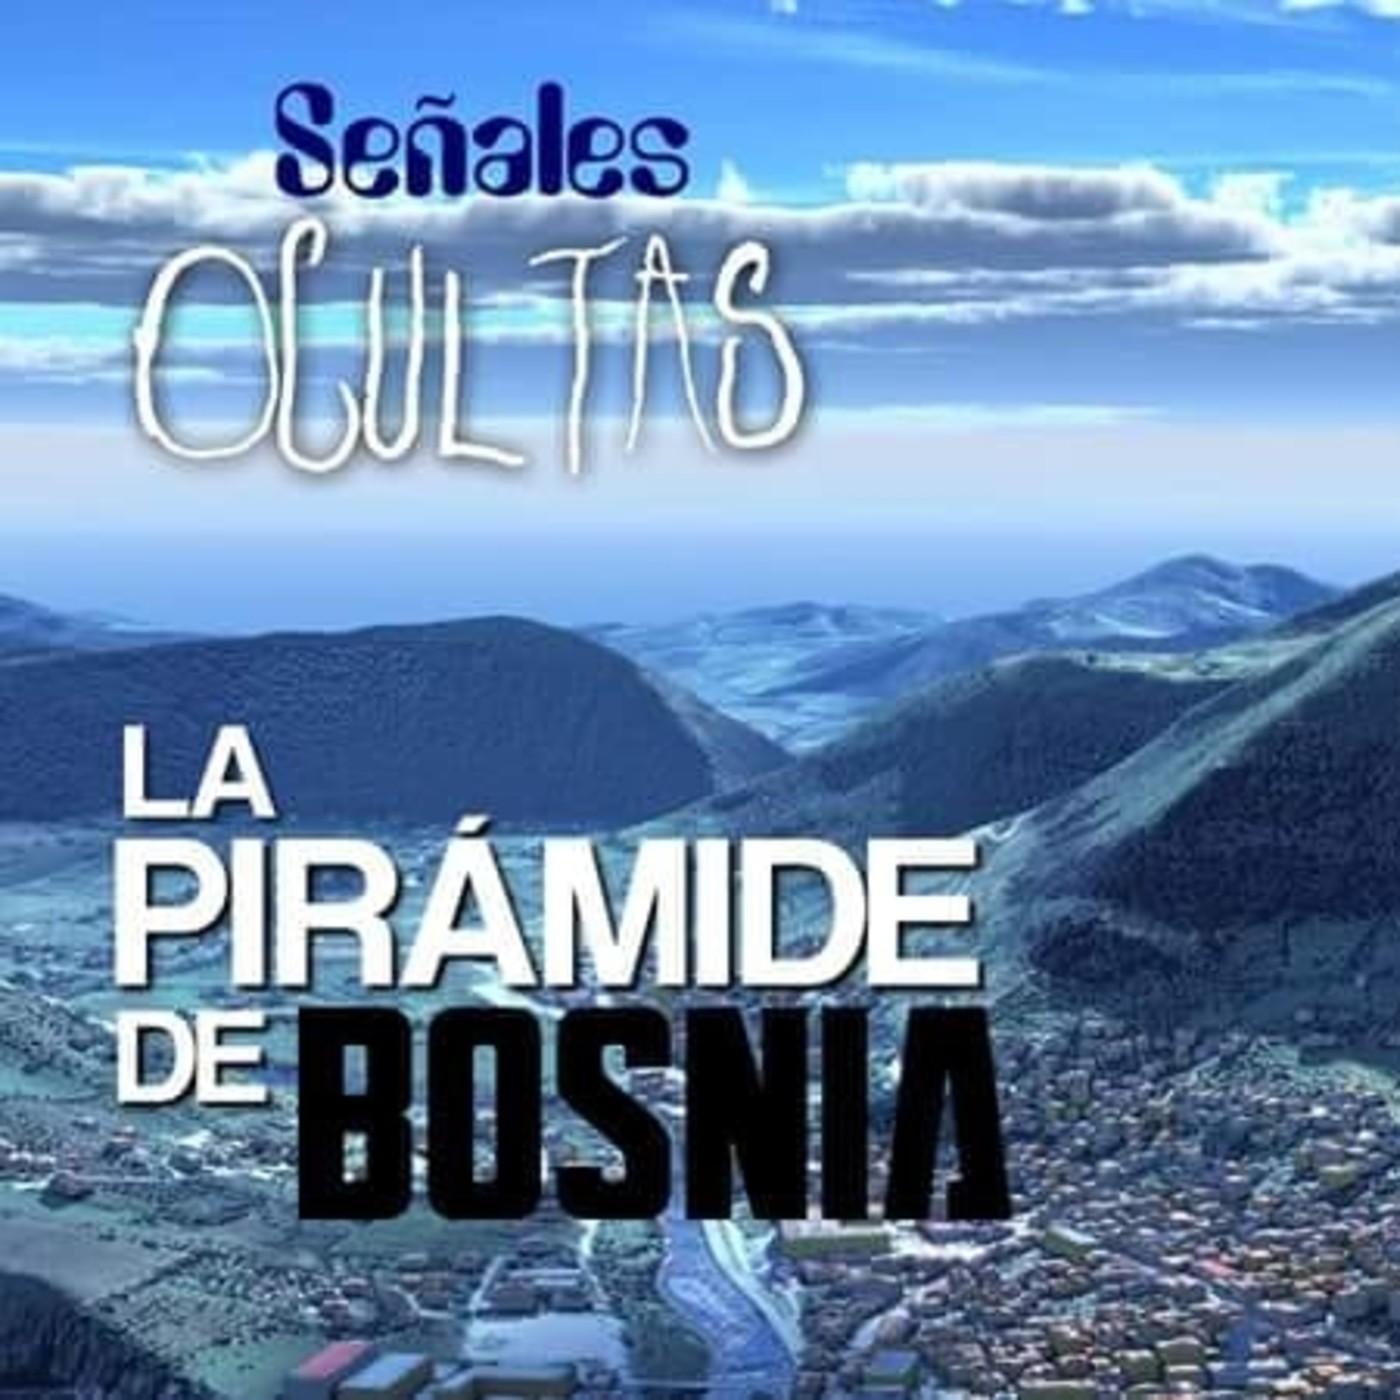 La gran pirámide de Bosnia - Señales Ocultas #97 in Señales Ocultas ...